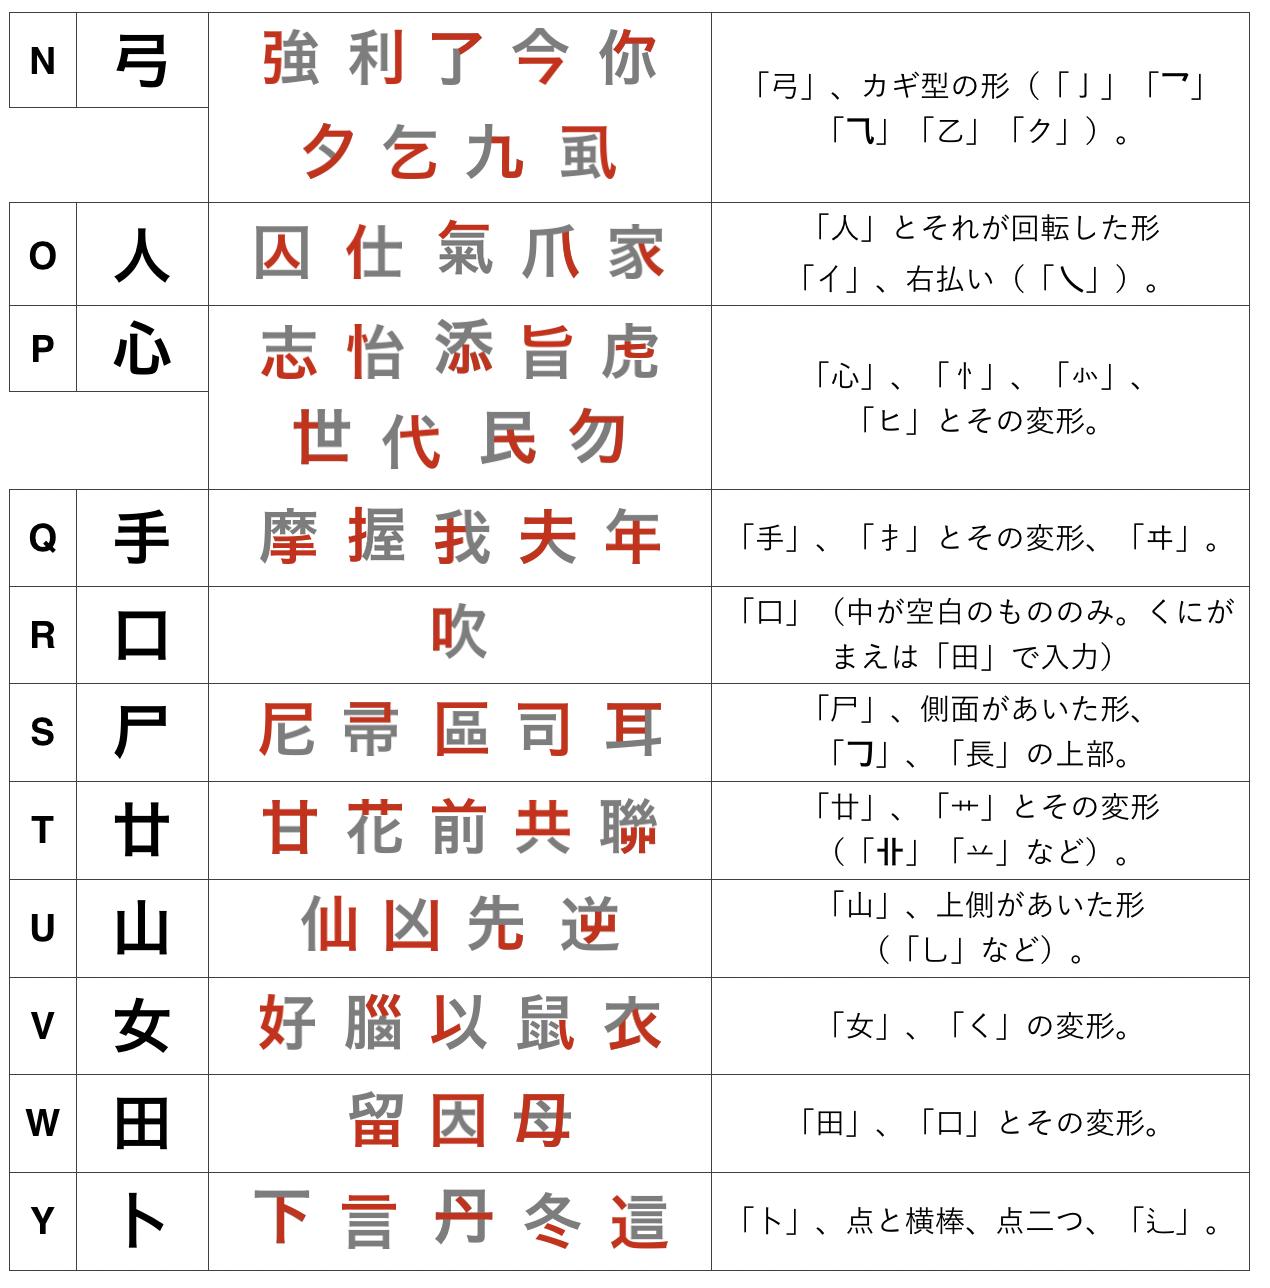 へん 漢字 くち の